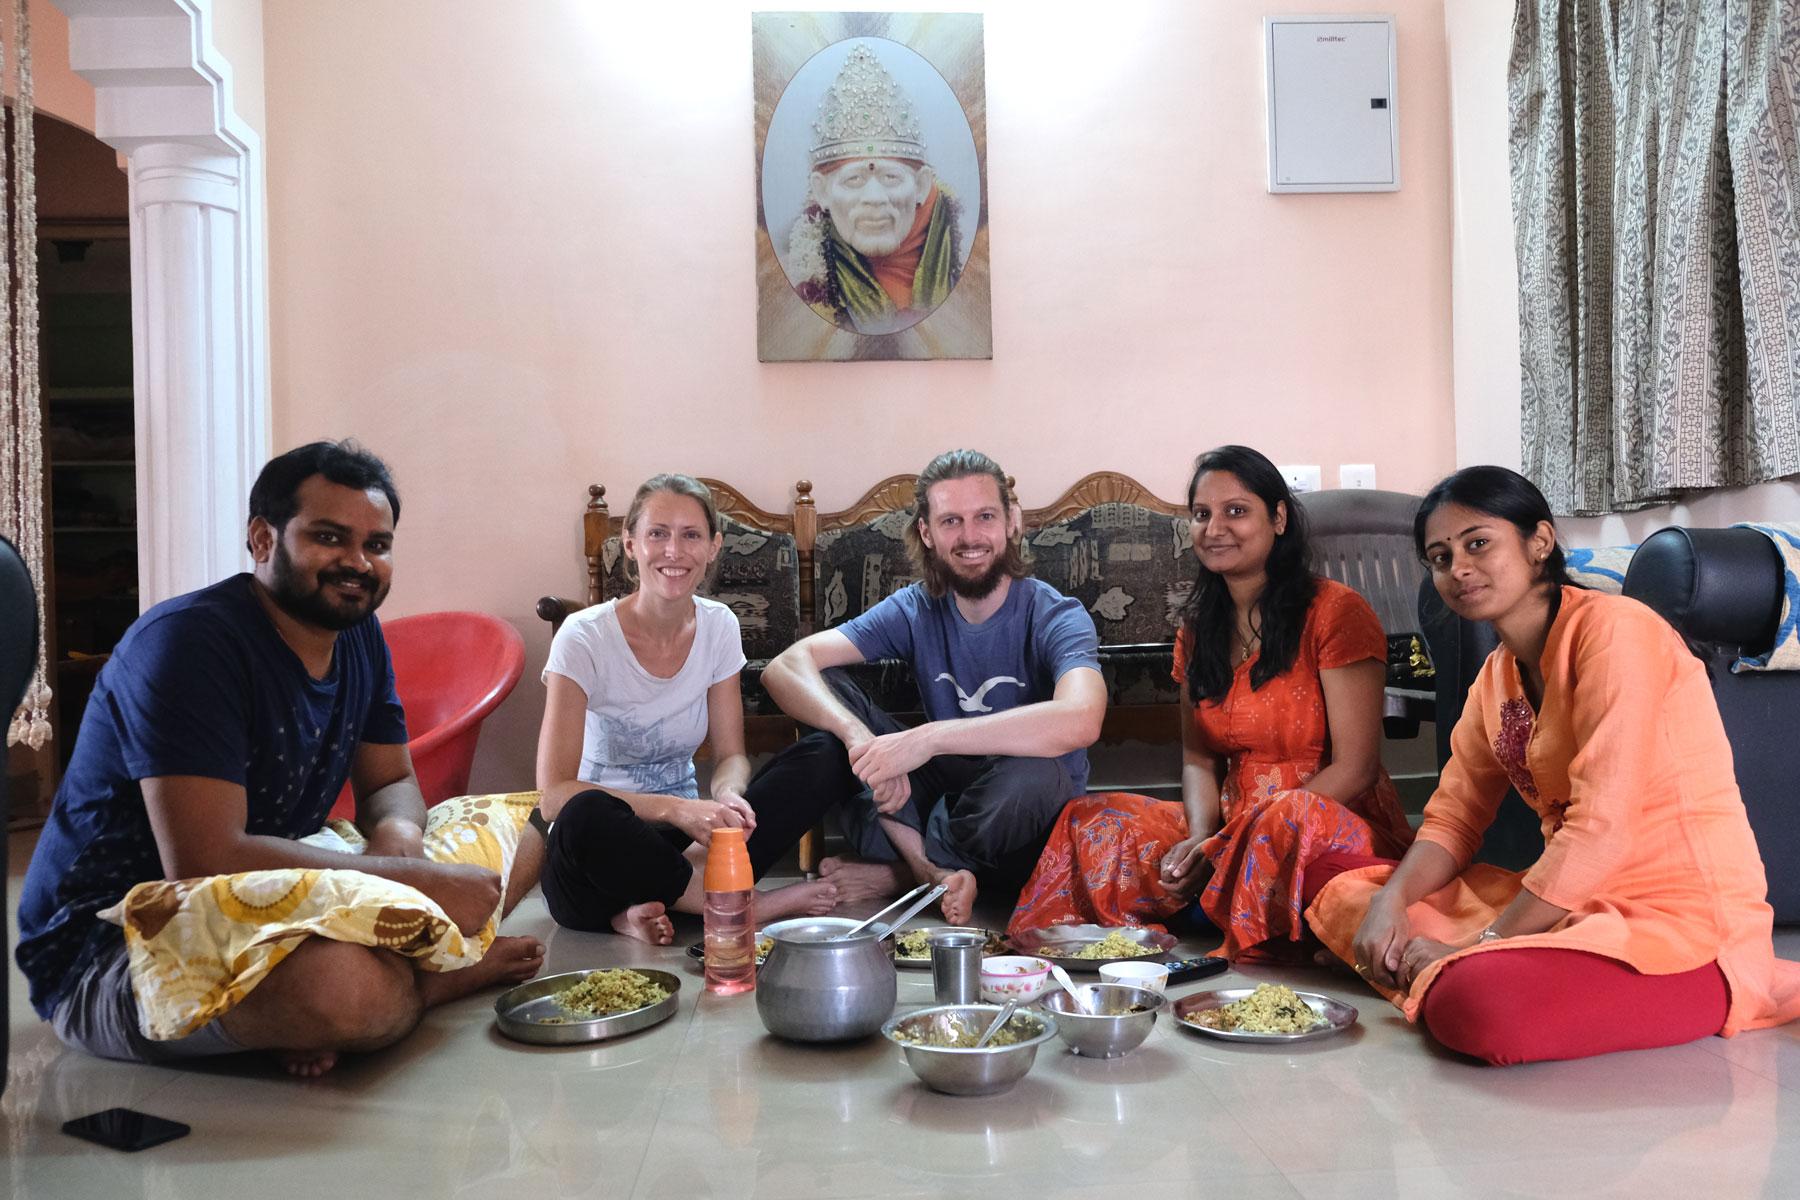 Leo und Sebastian sitzen mit indischen Freunden auf dem Boden und essen.